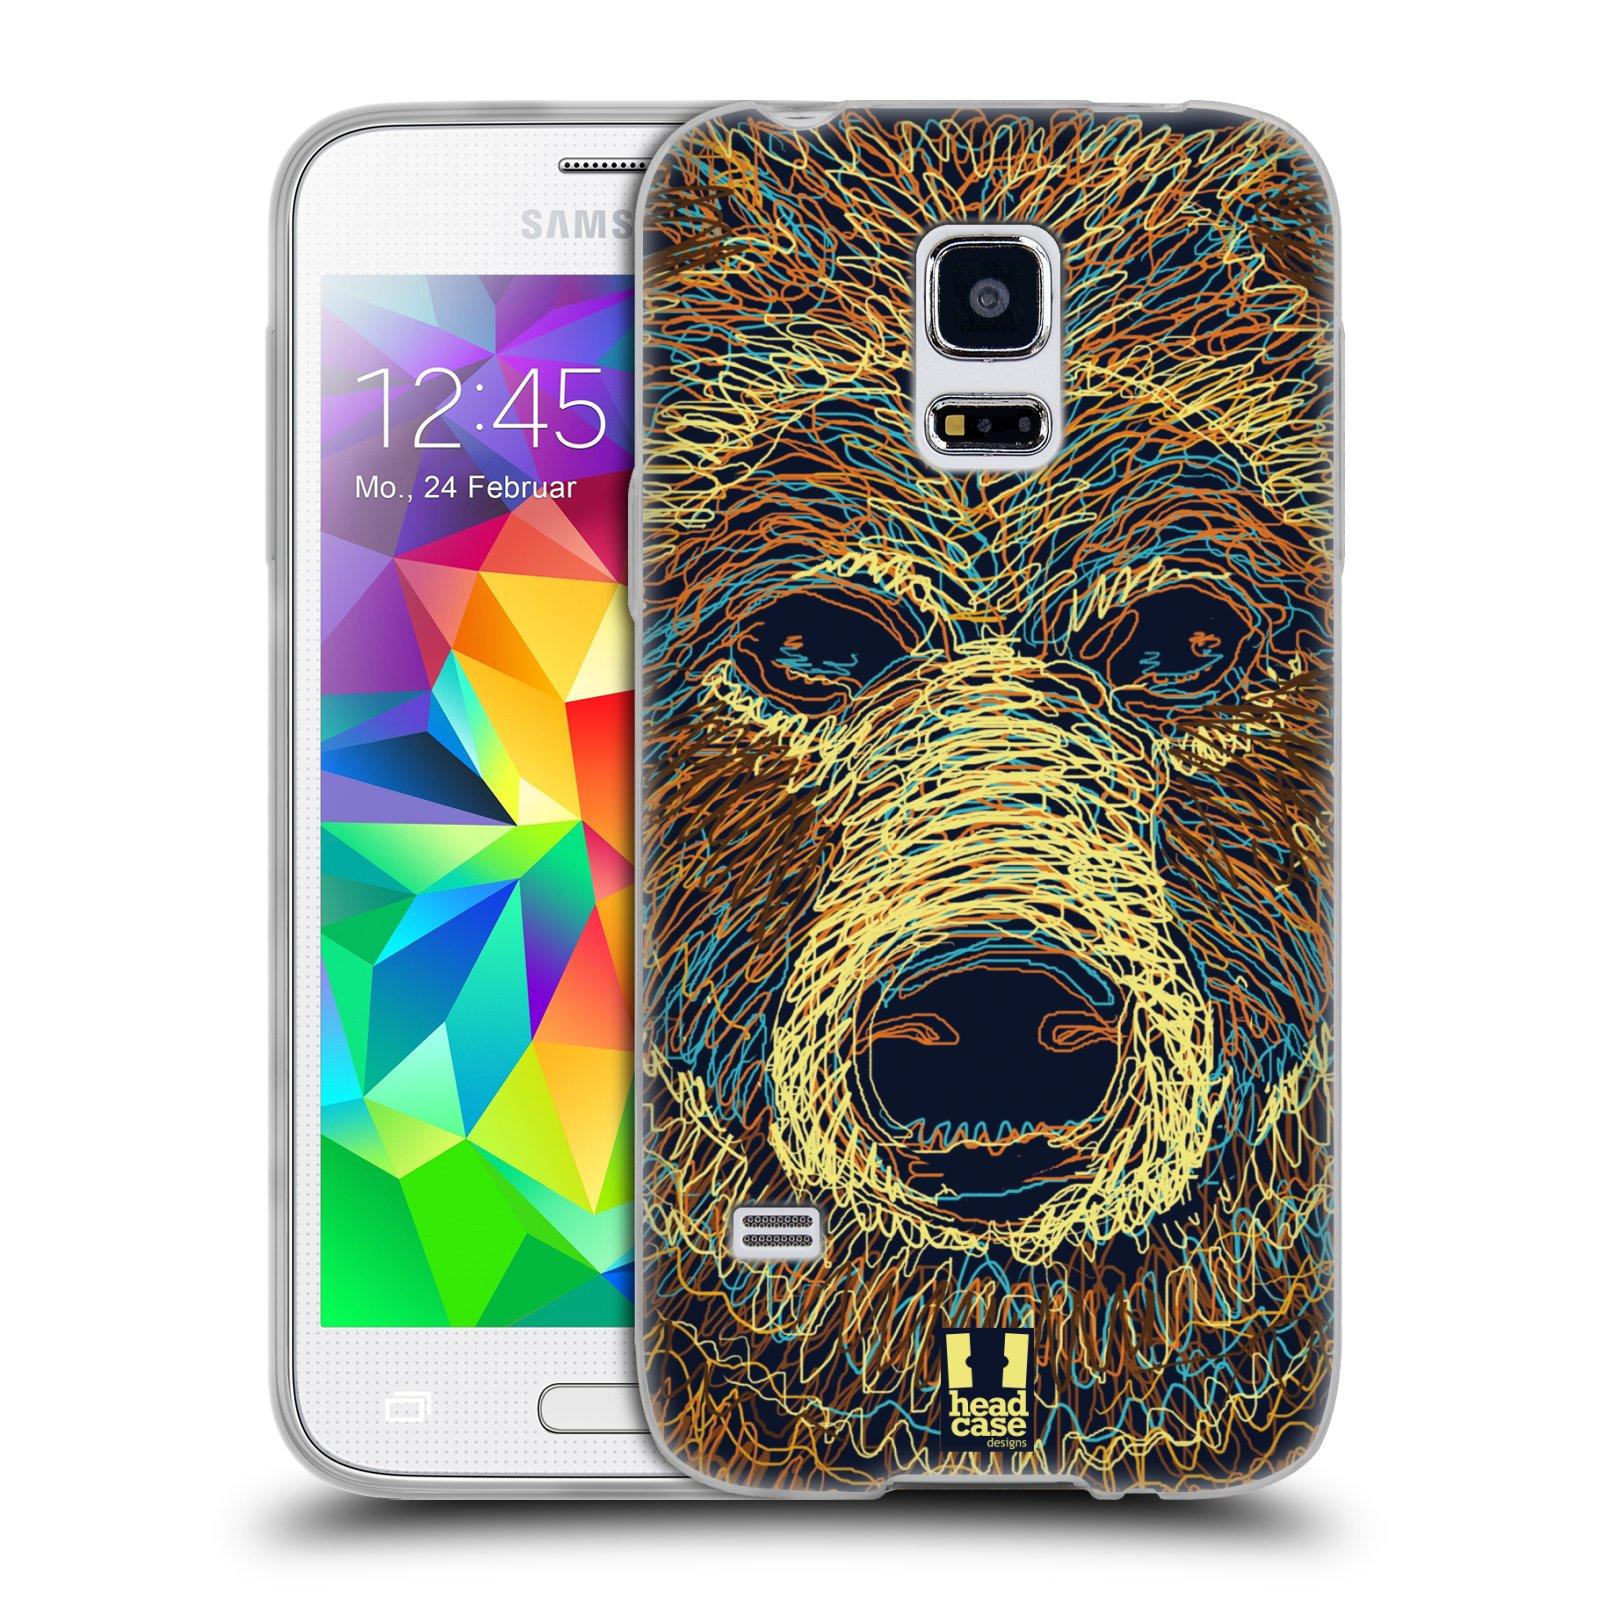 HEAD CASE silikonový obal na mobil Samsung Galaxy S5 MINI vzor zvíře čmáranice medvěd